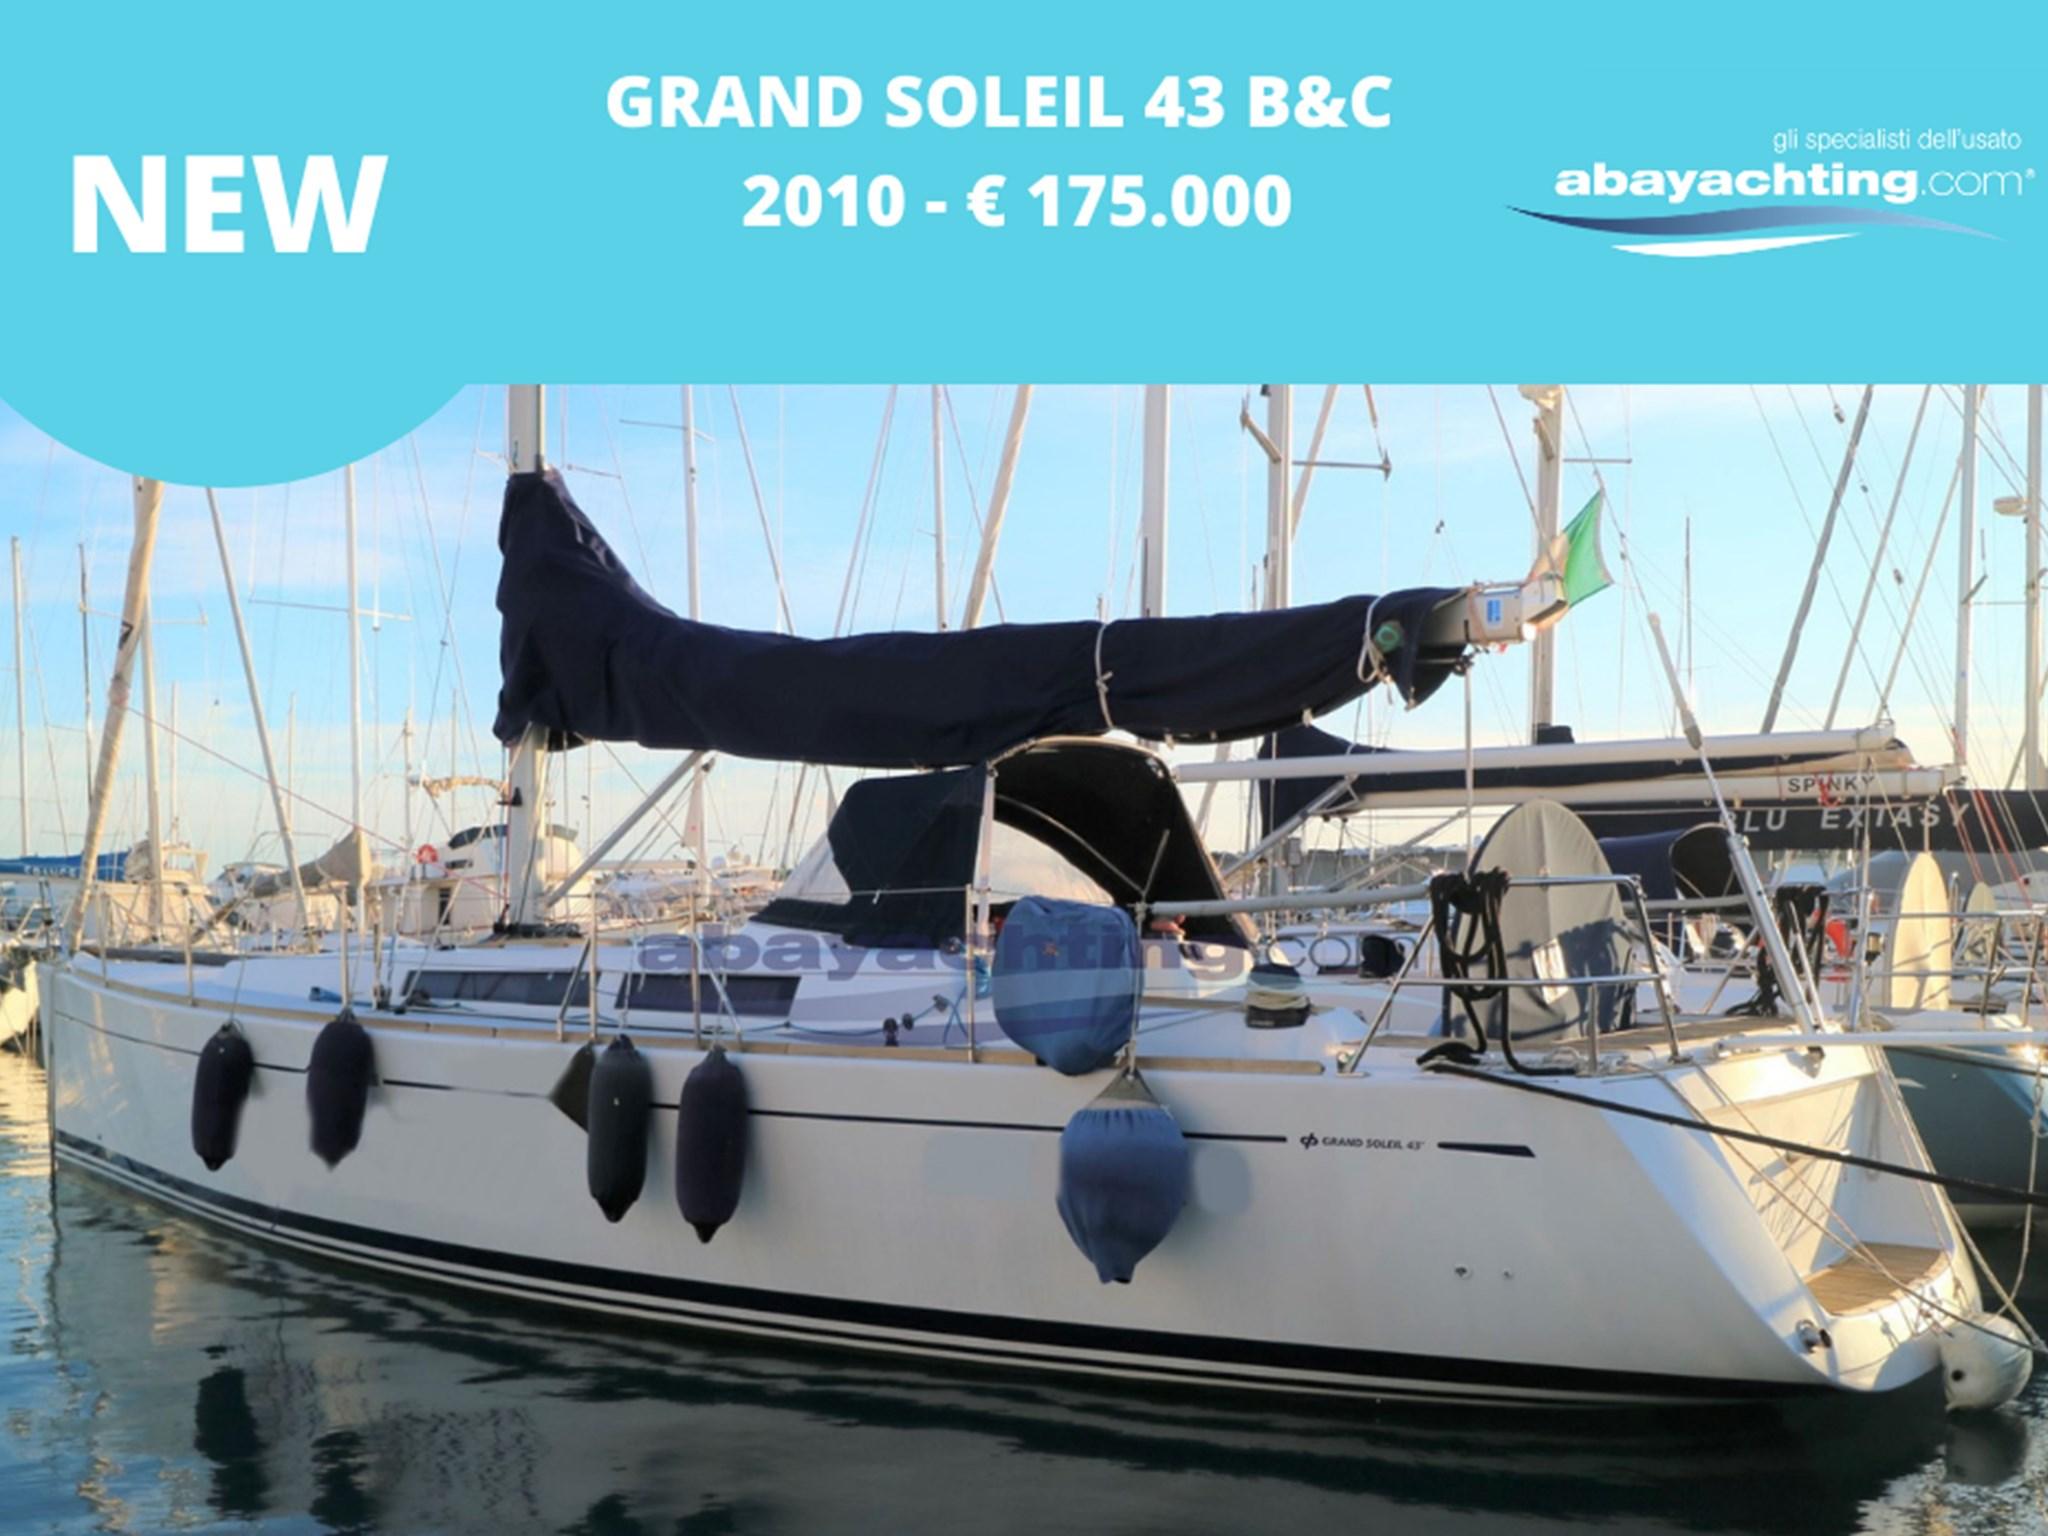 Nuovo arrivo Grand Soleil 43 B&C